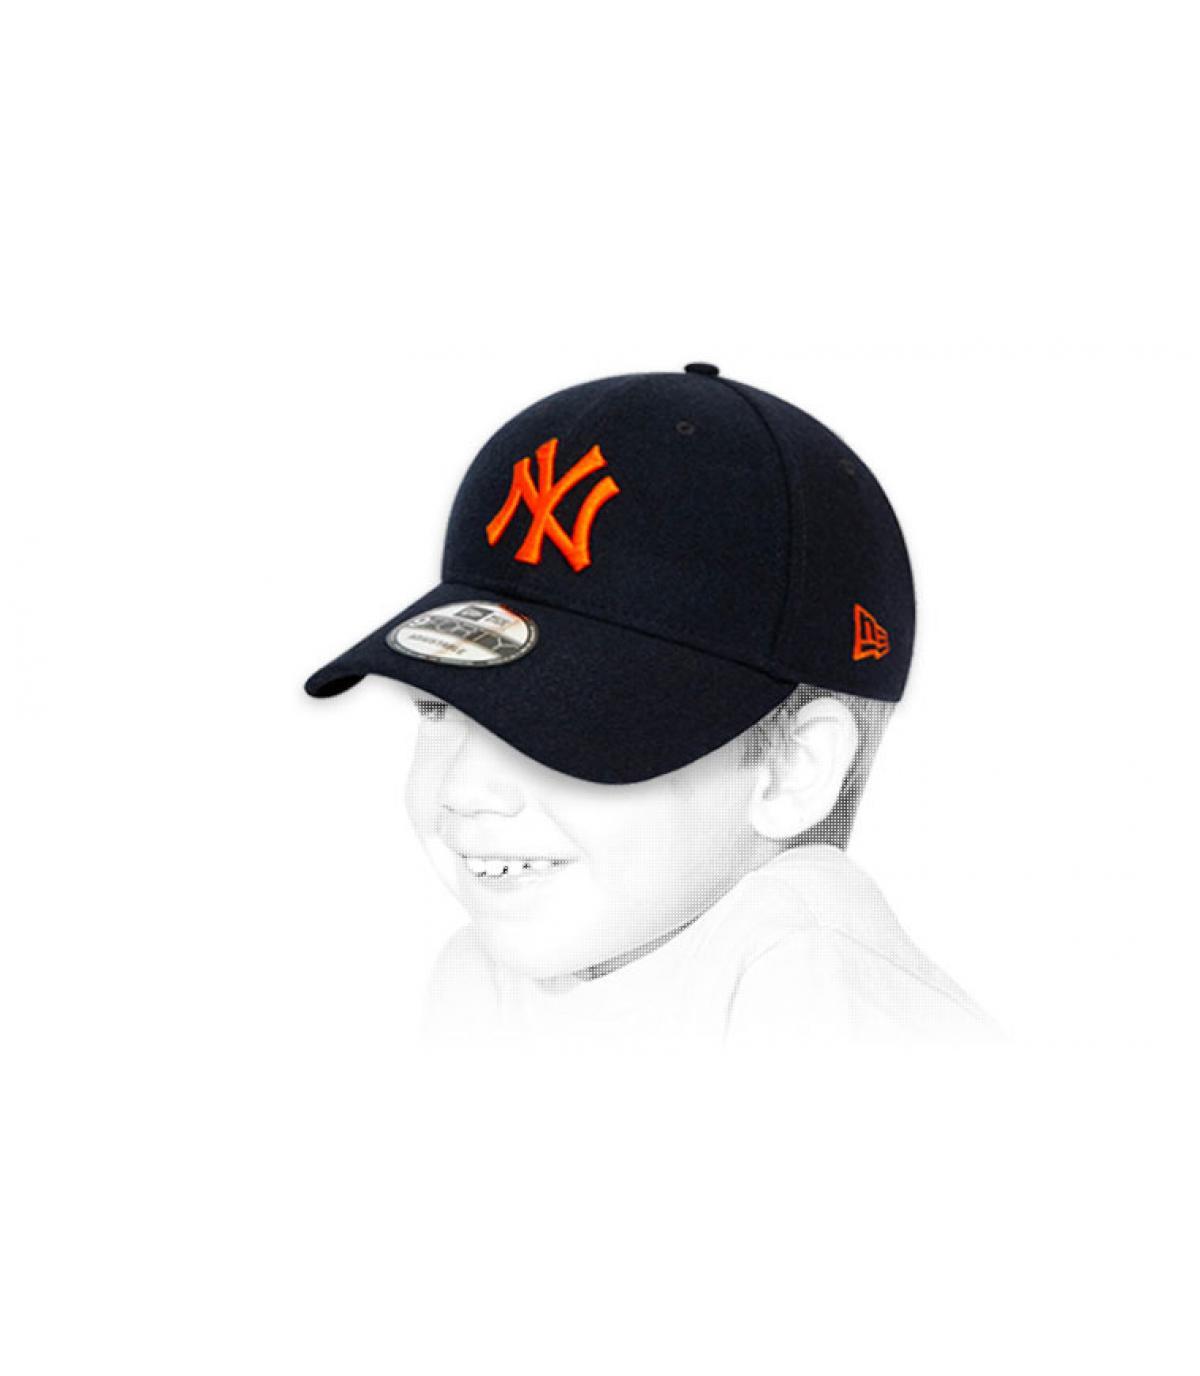 cappellino bambino NY nero